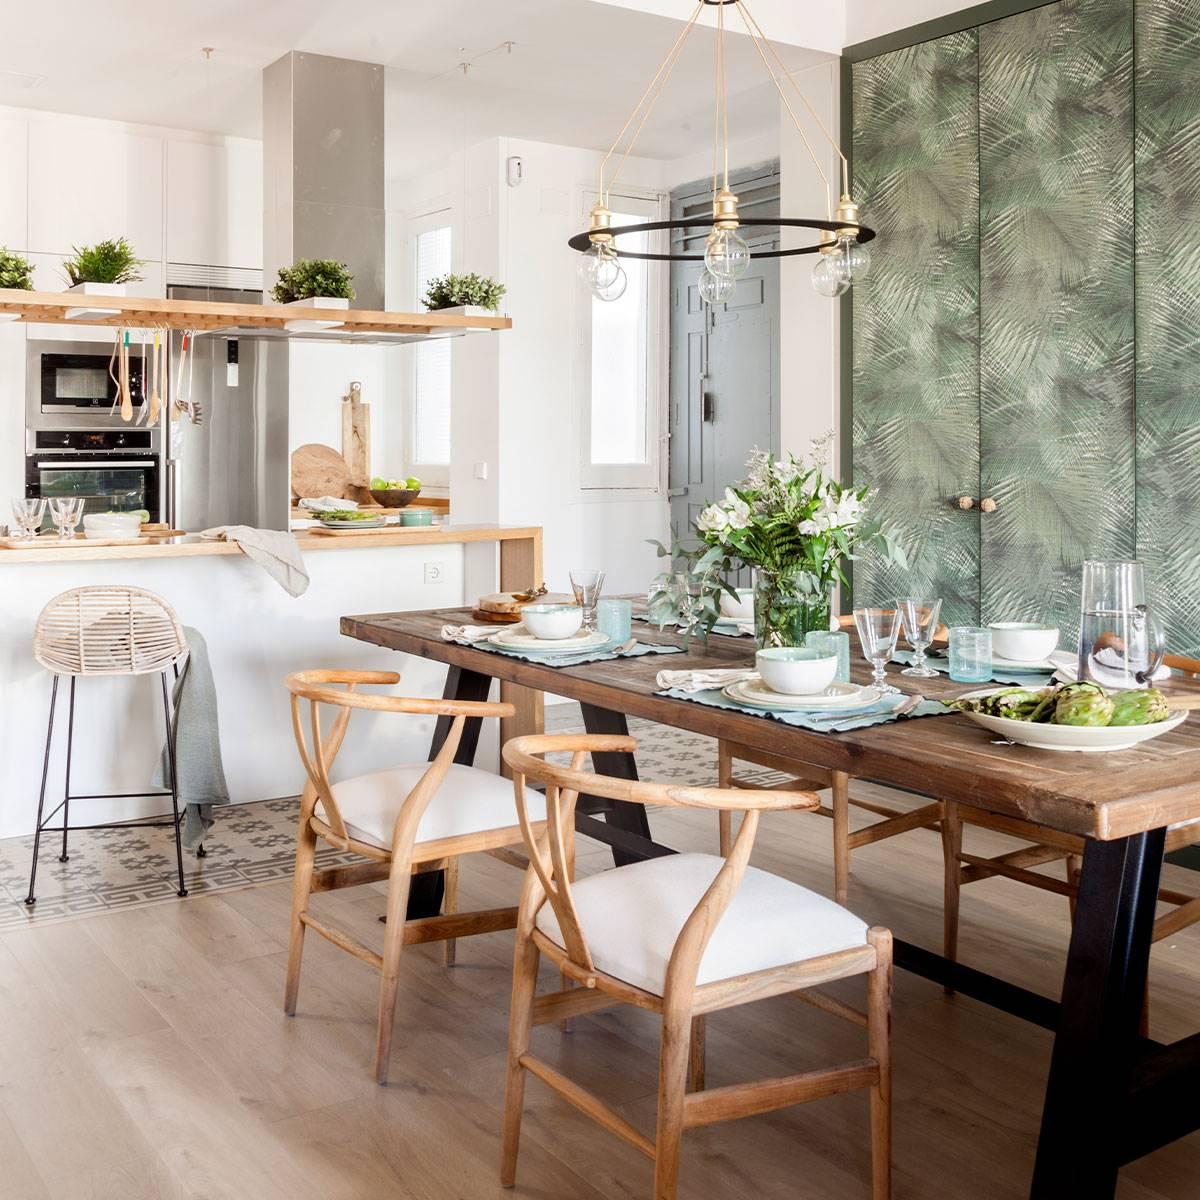 Cuánto se tarda en hacer pequeños arreglos domésticos?